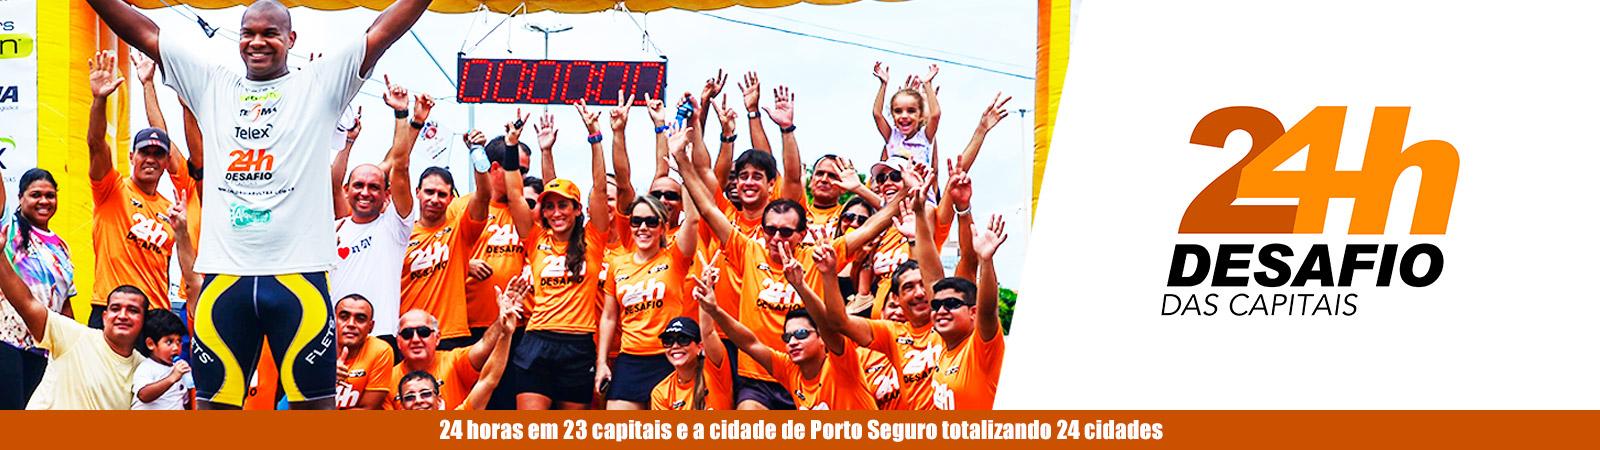 DESAFIO 24 HORAS DAS CAPITAIS - ETAPA ARACAJÚ/SE - Imagem de topo